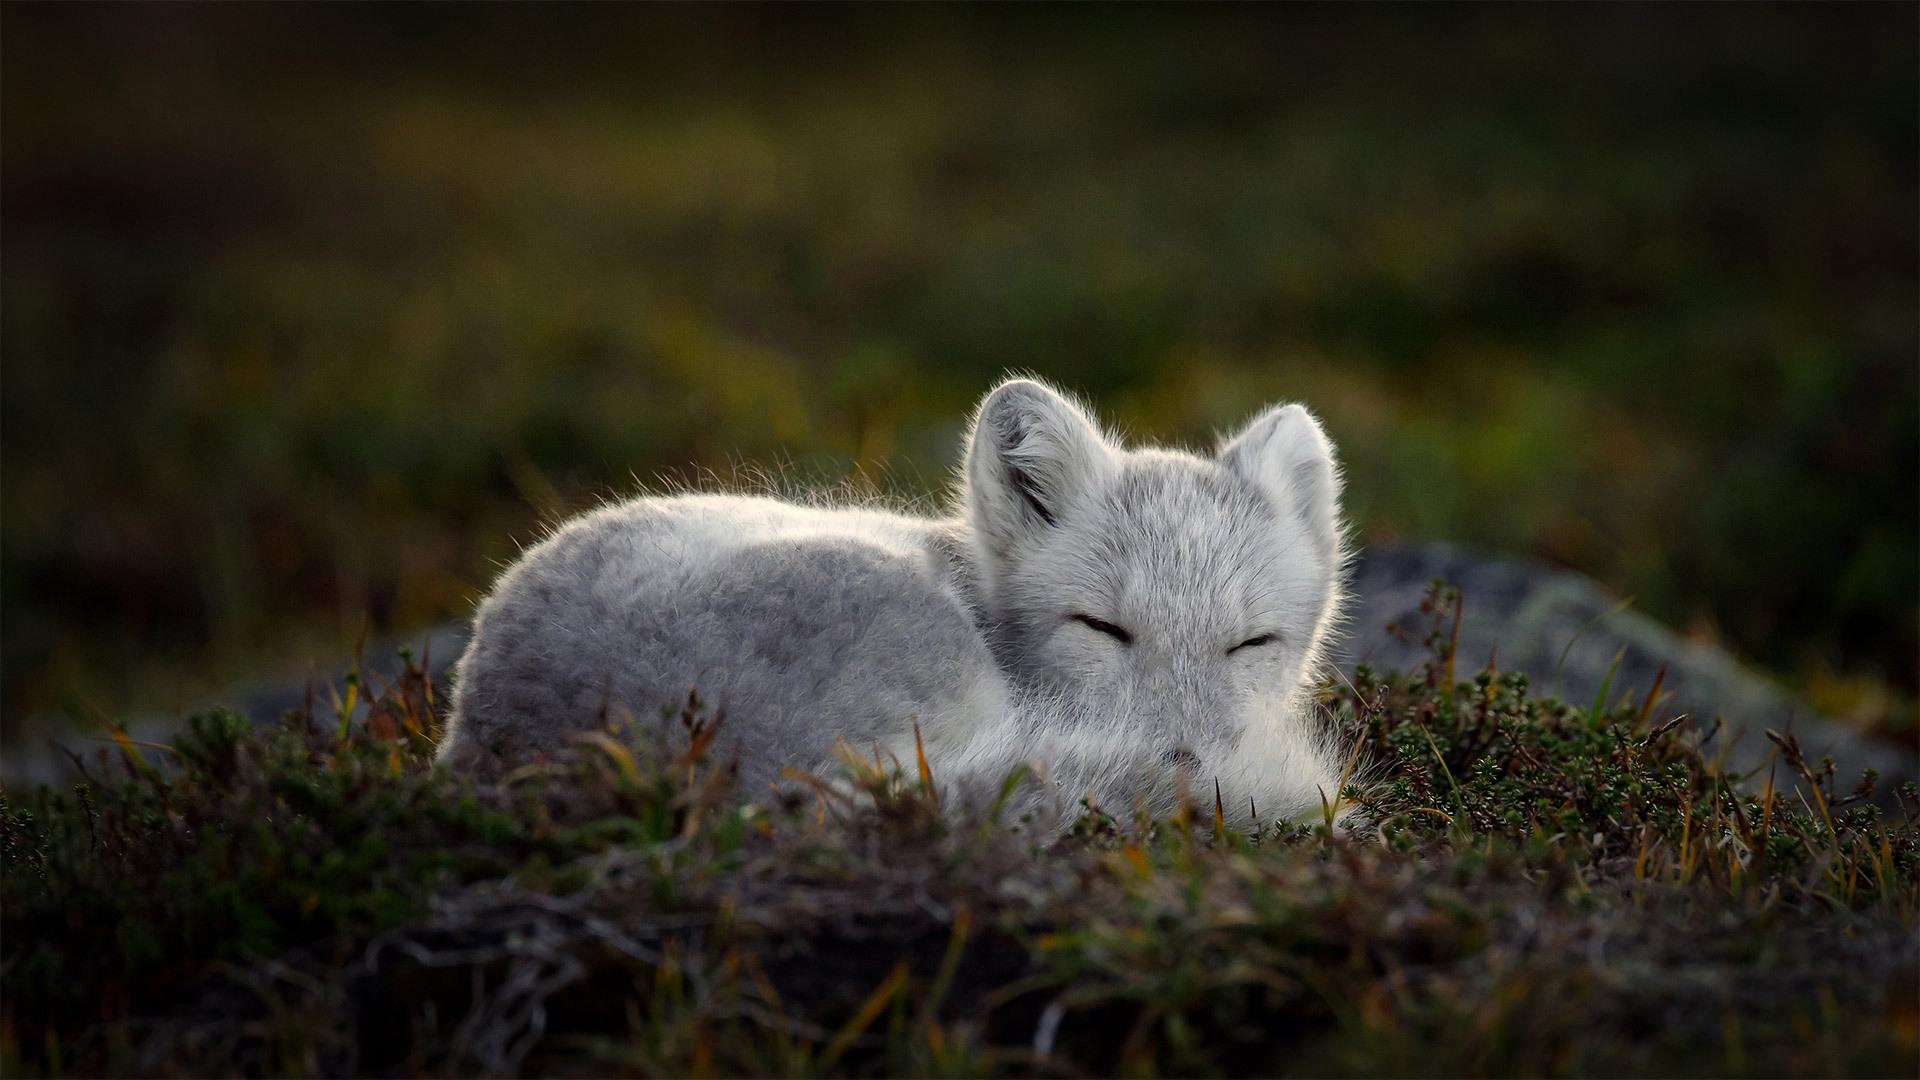 正在睡觉的北极狐 北极狐